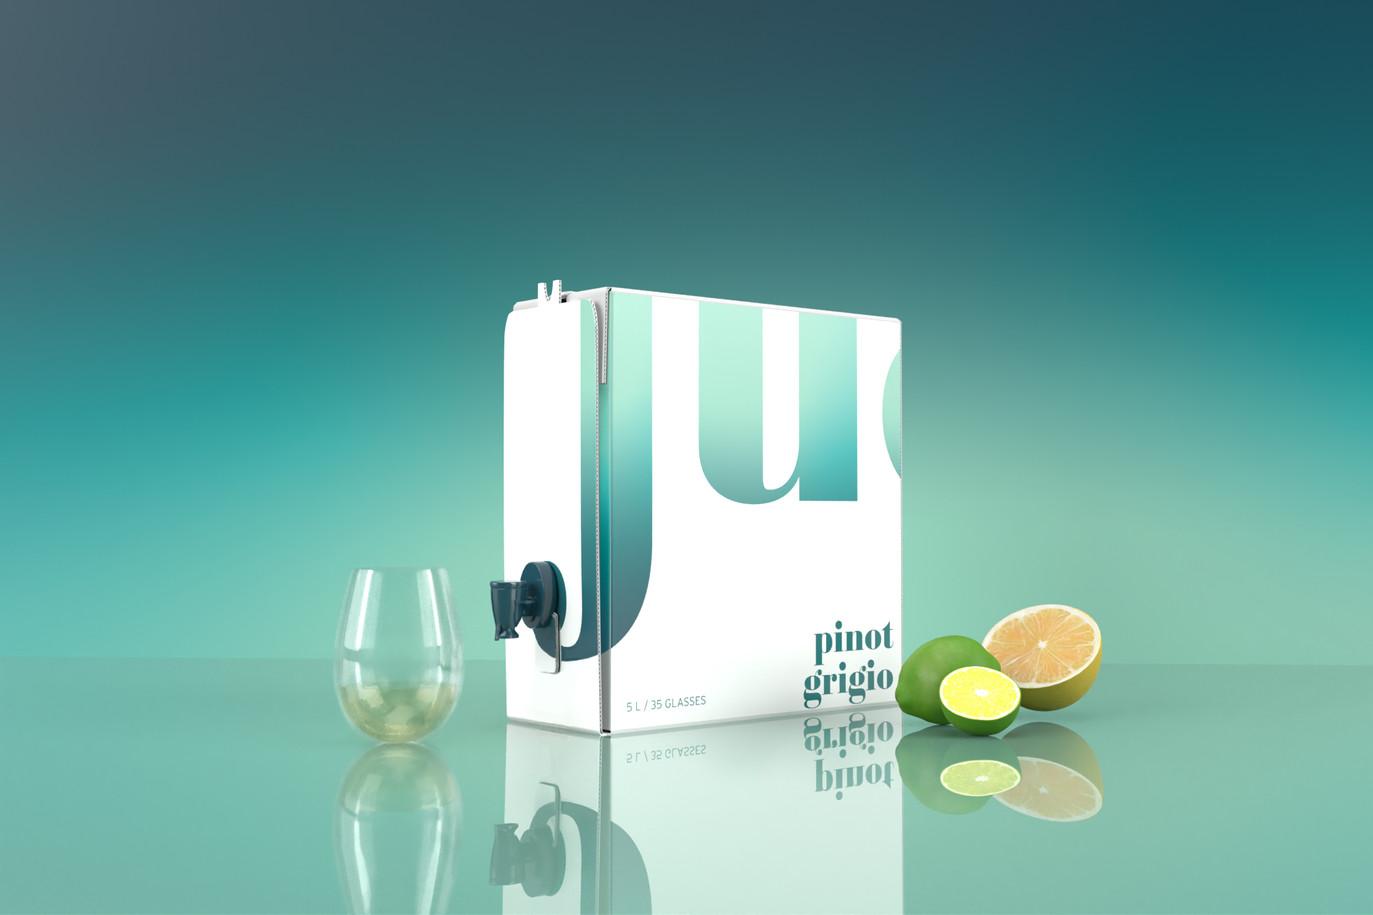 jug-pinot-portfolio.jpg